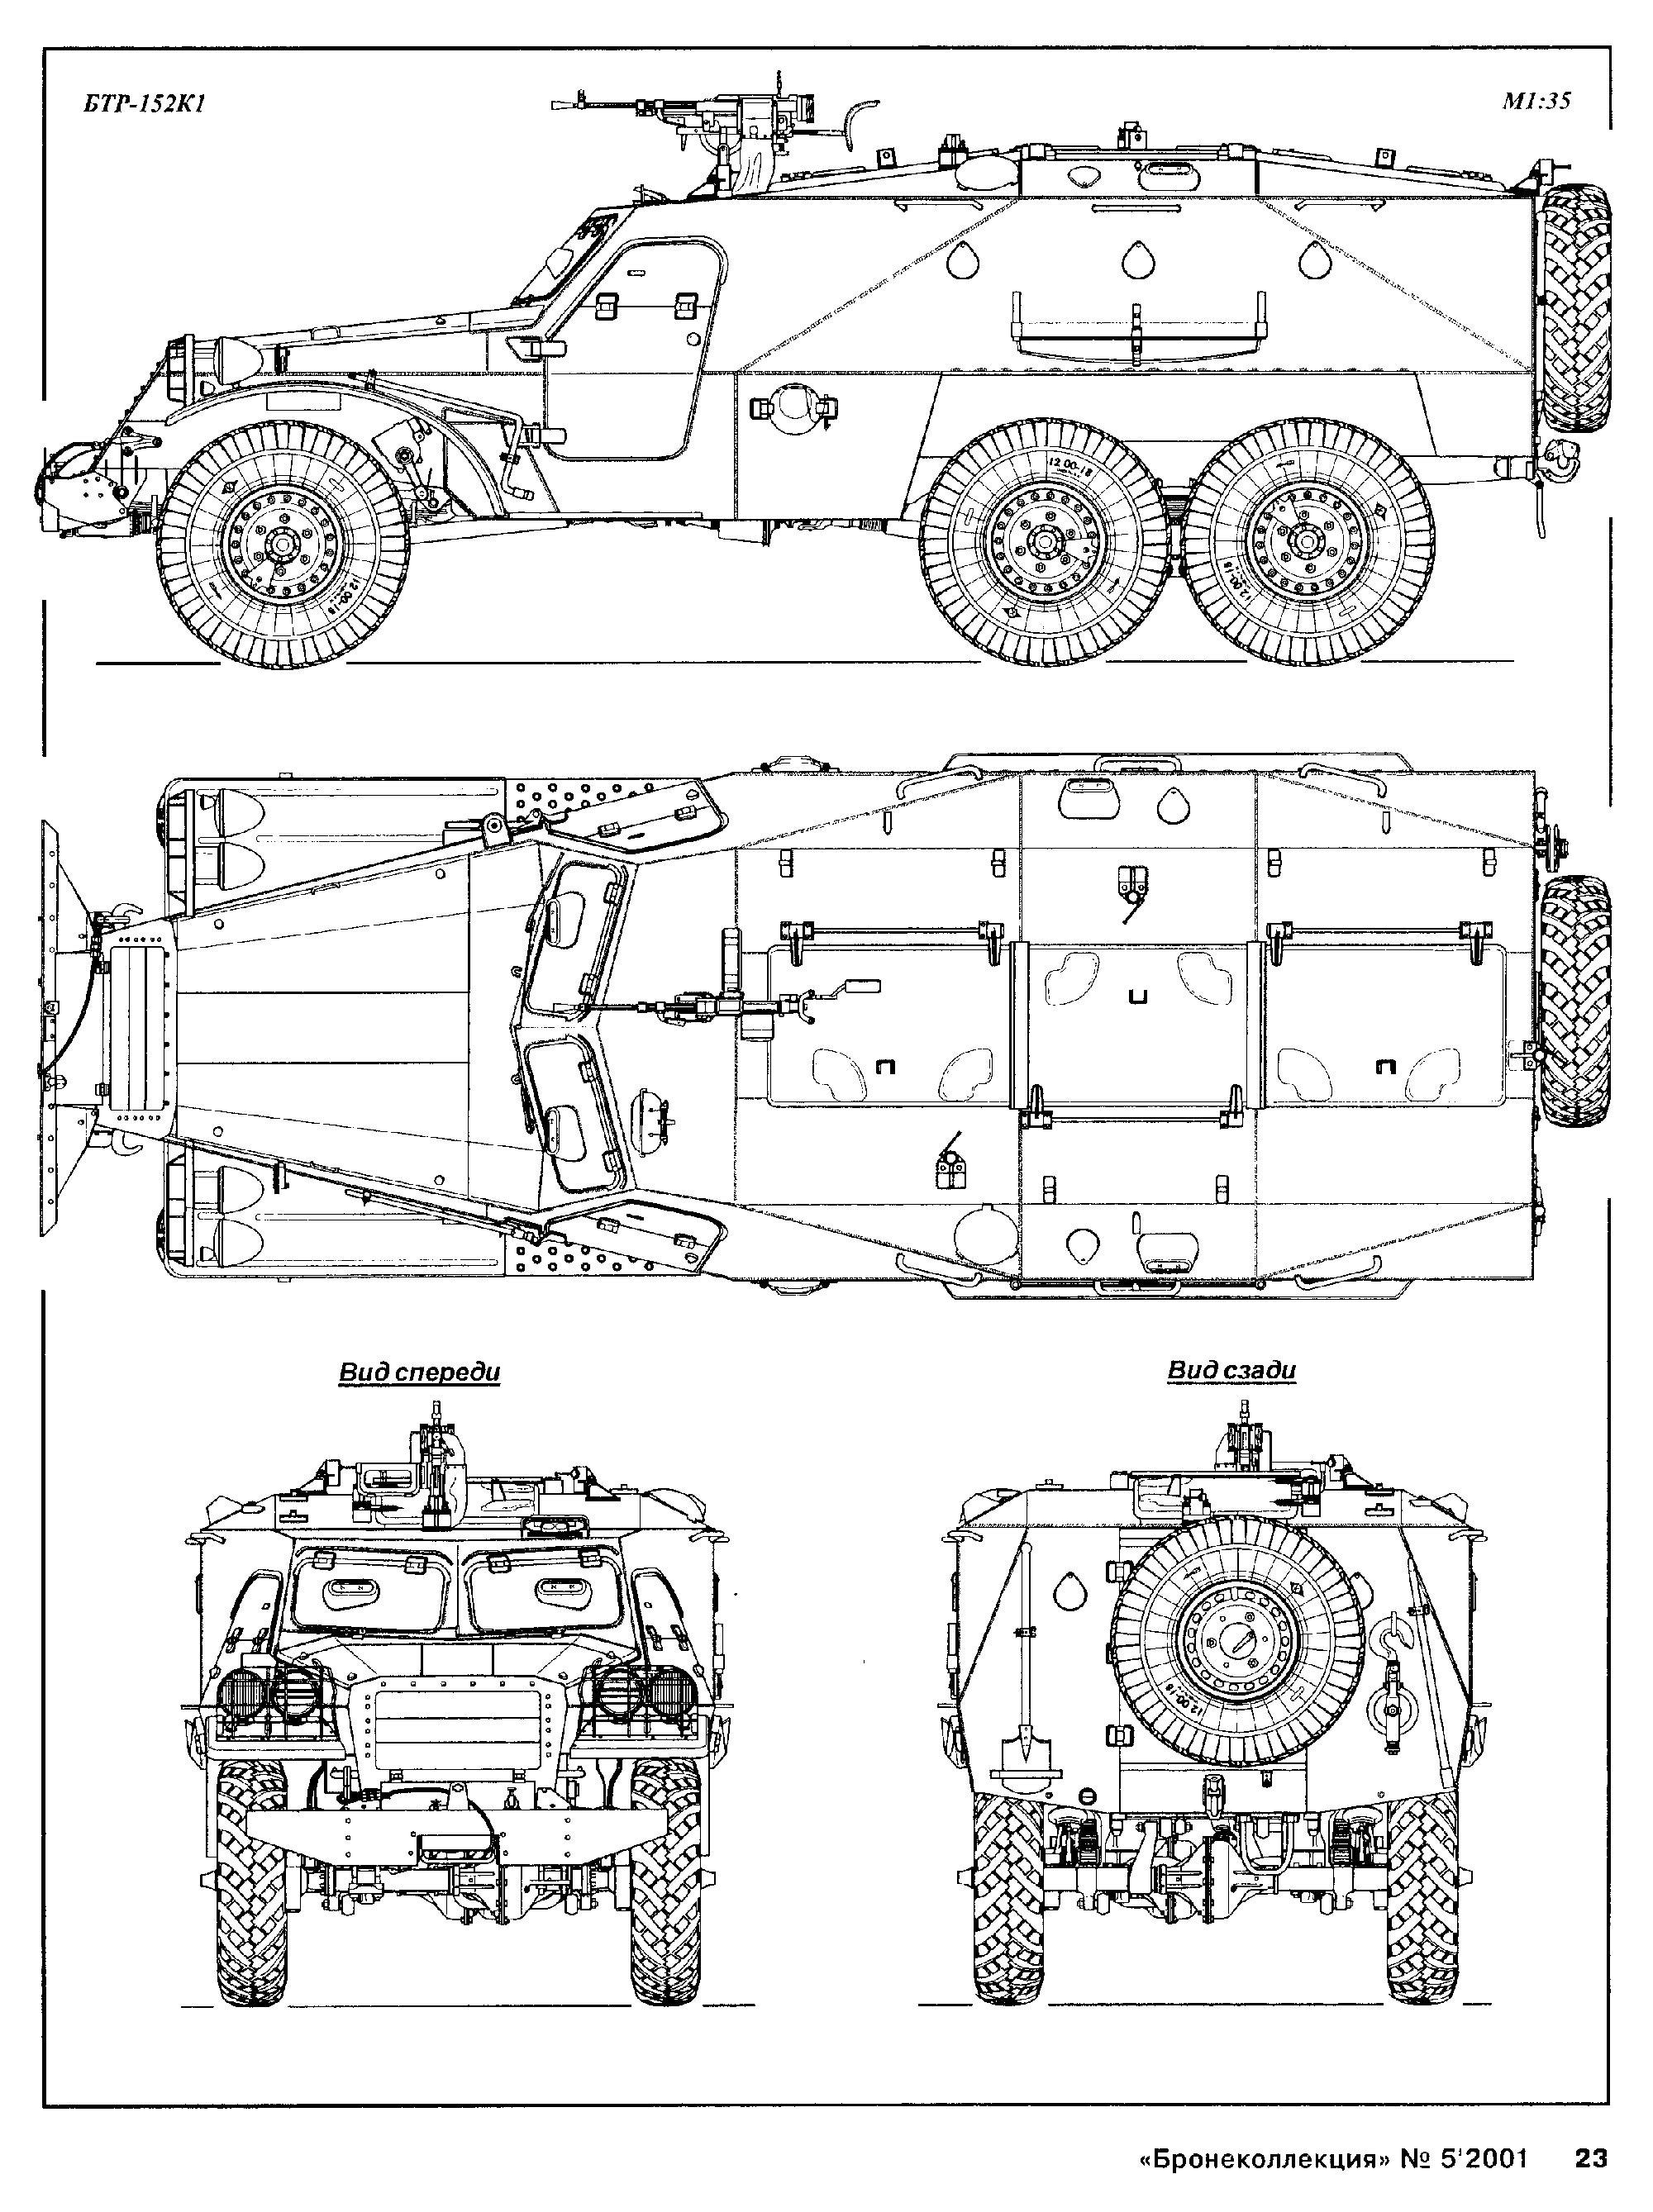 Чертеж бронетранспортера БТР-152